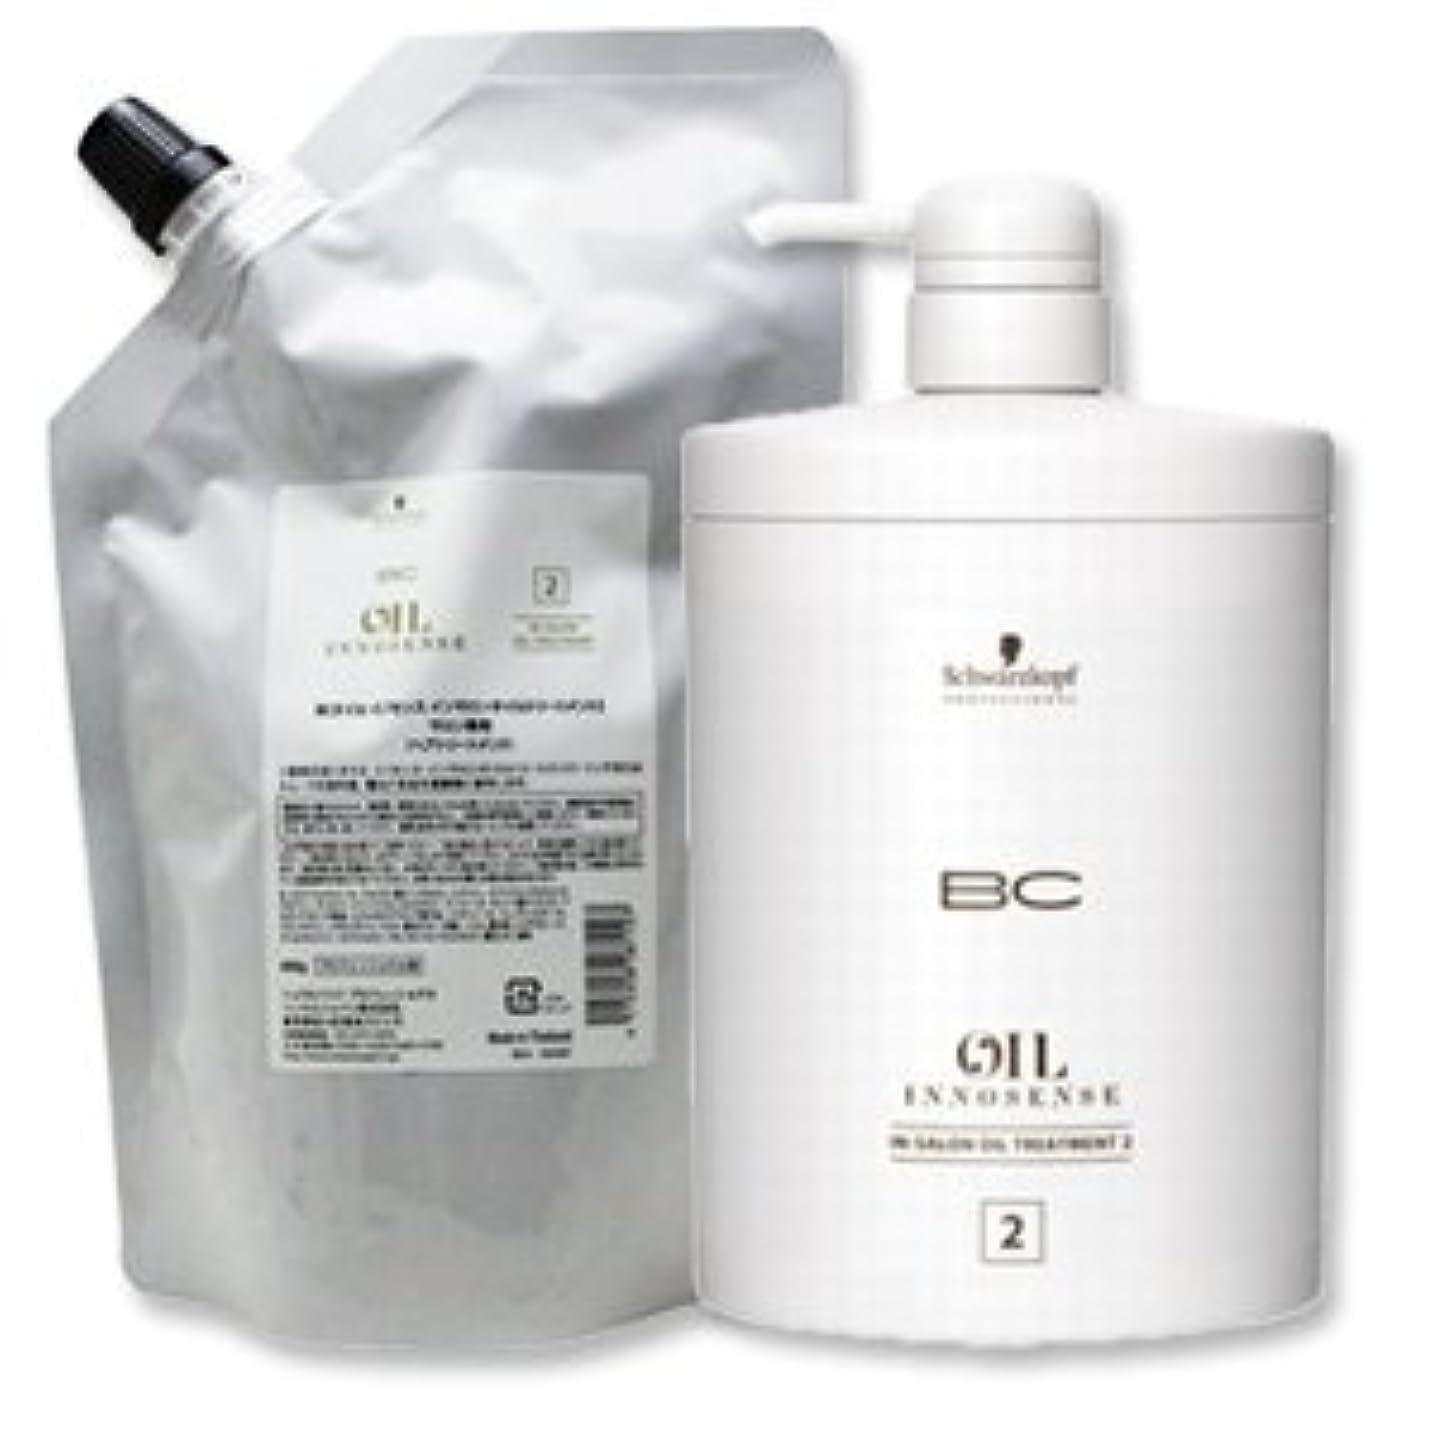 オートマトンスポット湿ったシュワルツコフ BC オイルイノセンス インサロンオイルトリートメント2 600g + 専用容器ポンプボトル セット